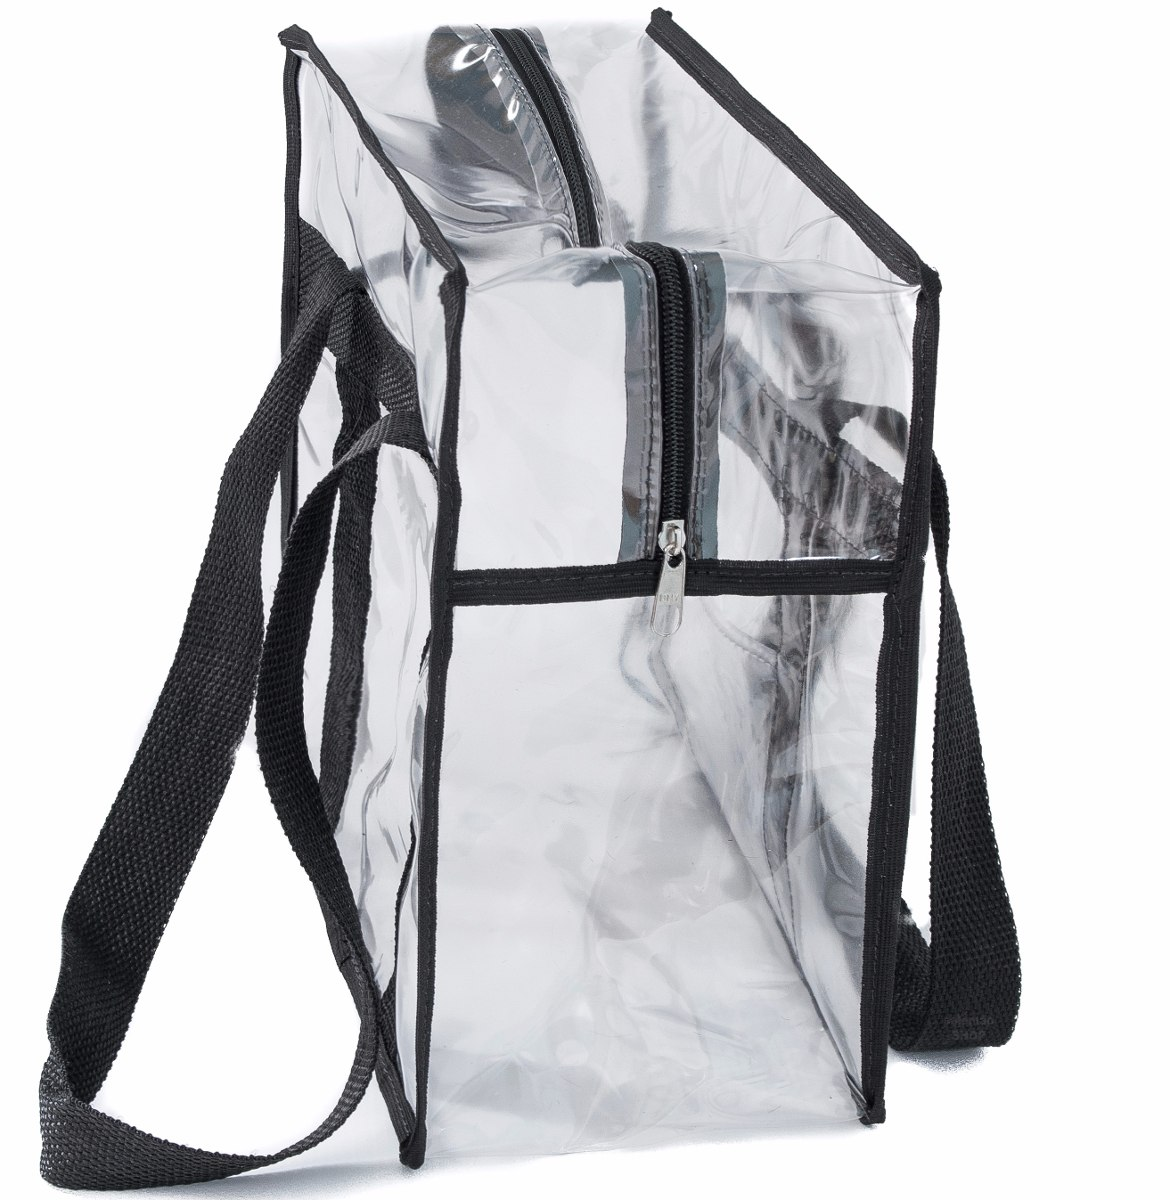 bb7d195d2 bolsa sacola plástica 30mm transparente pequena 30 x 30. Carregando zoom.